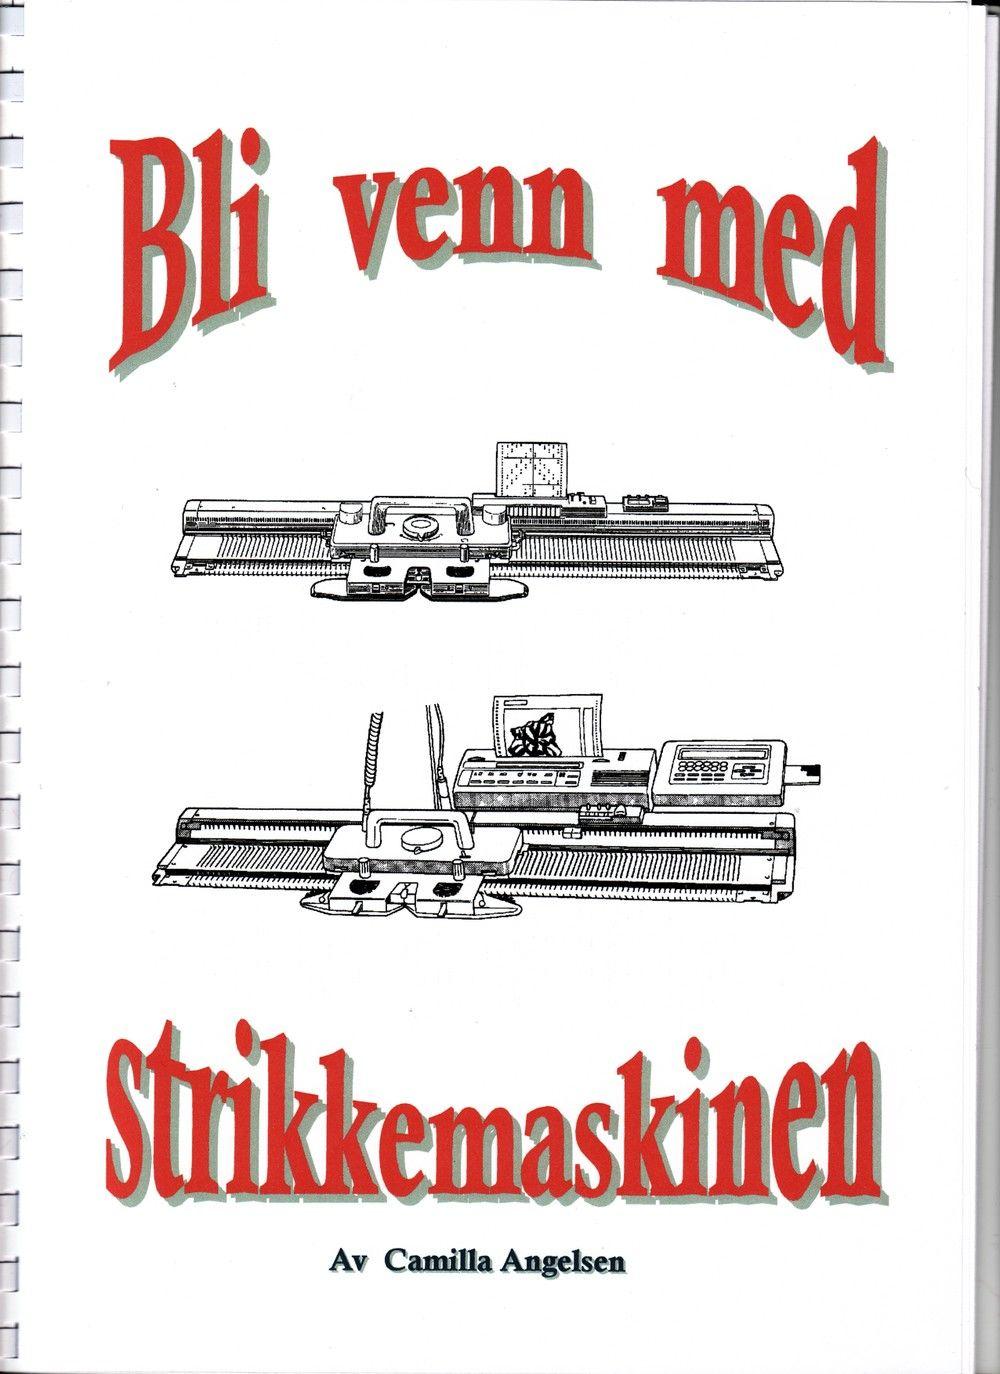 Bli venn med Strikkemaskinen til land i Europa via Karistrikk  . Click on the image to see more!